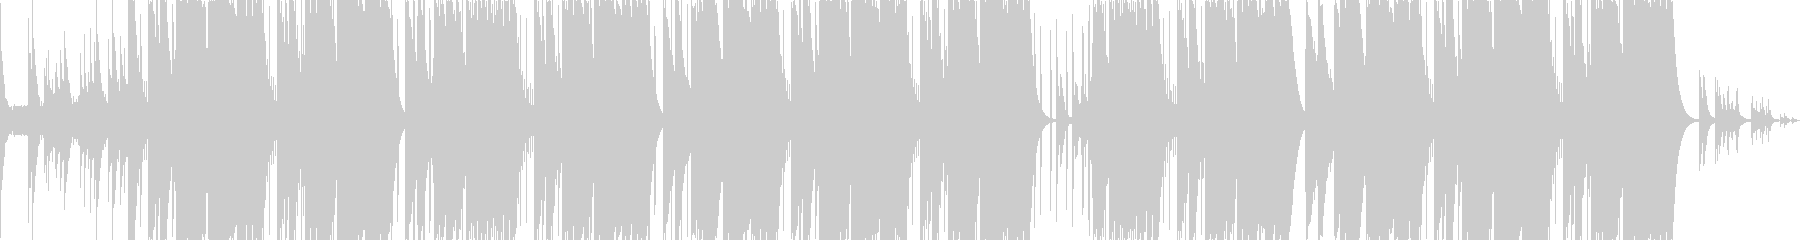 夏に合うチルトラップビートの未再生の波形